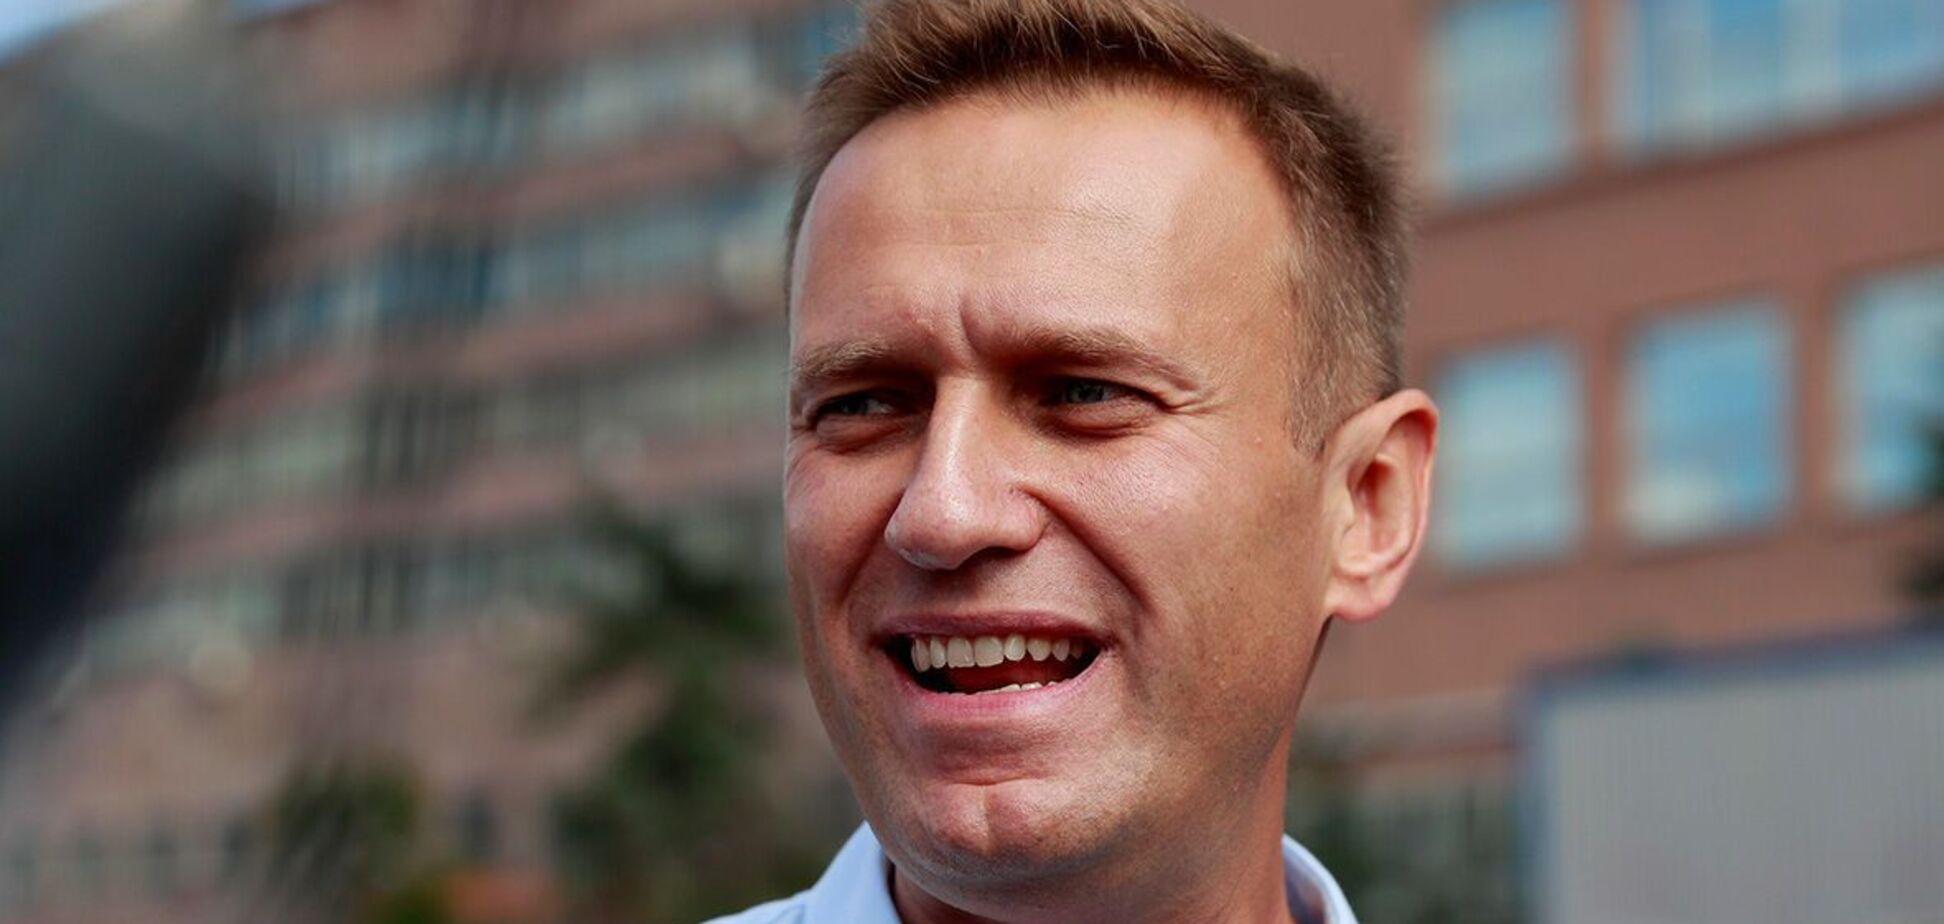 Алексей Навальный выиграл по иску против России в ЕСПЧ